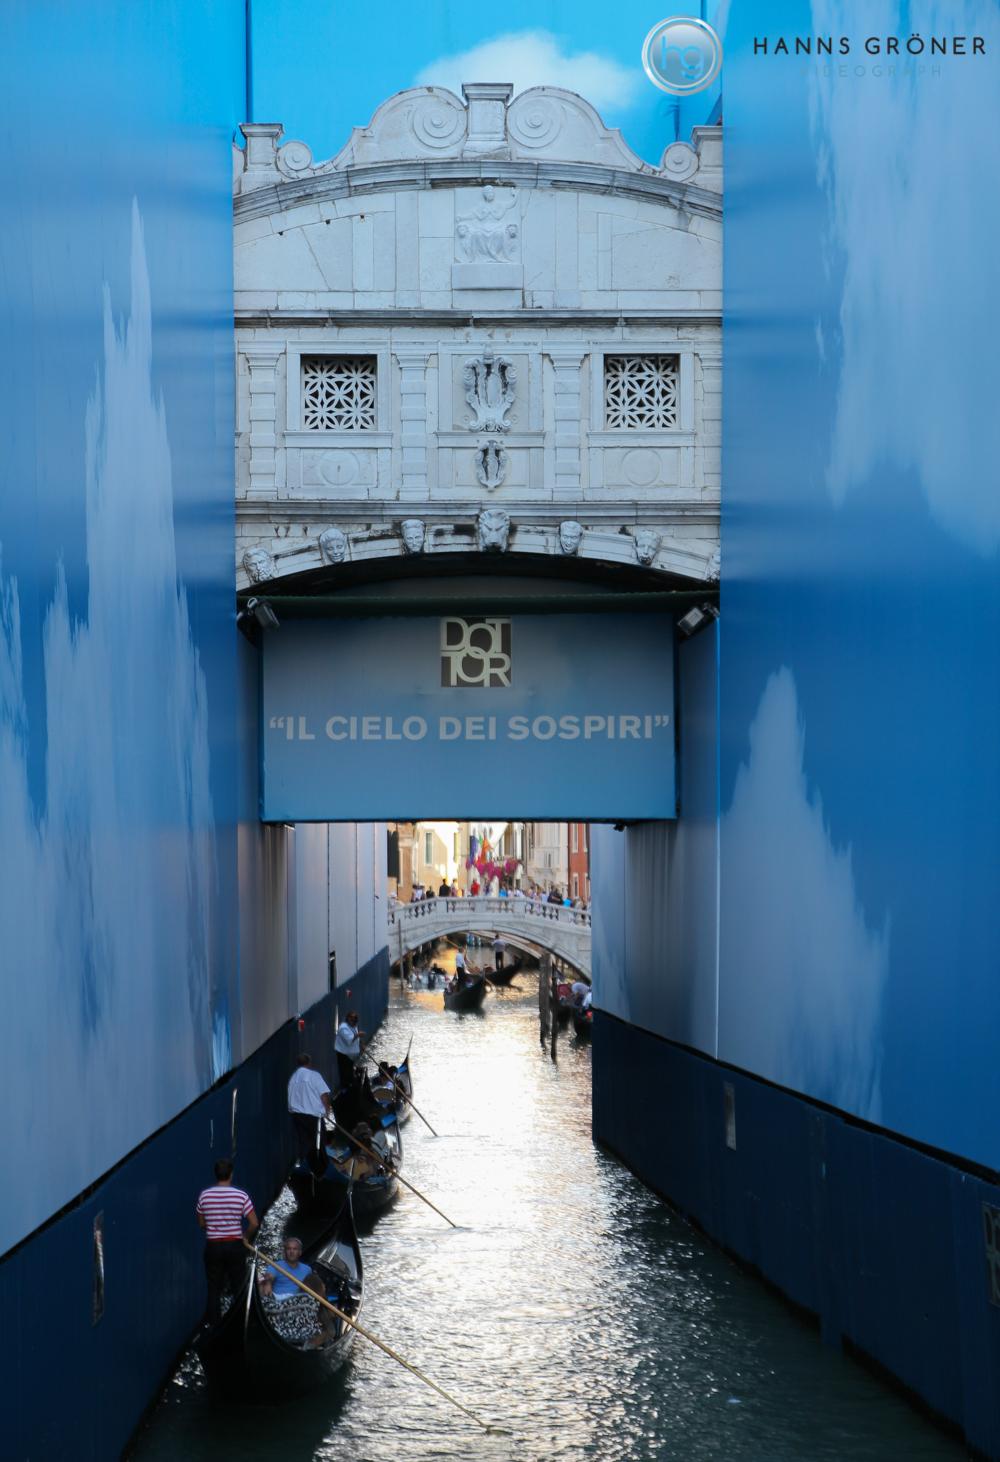 Italien |Venedig - Seufzerbrücke